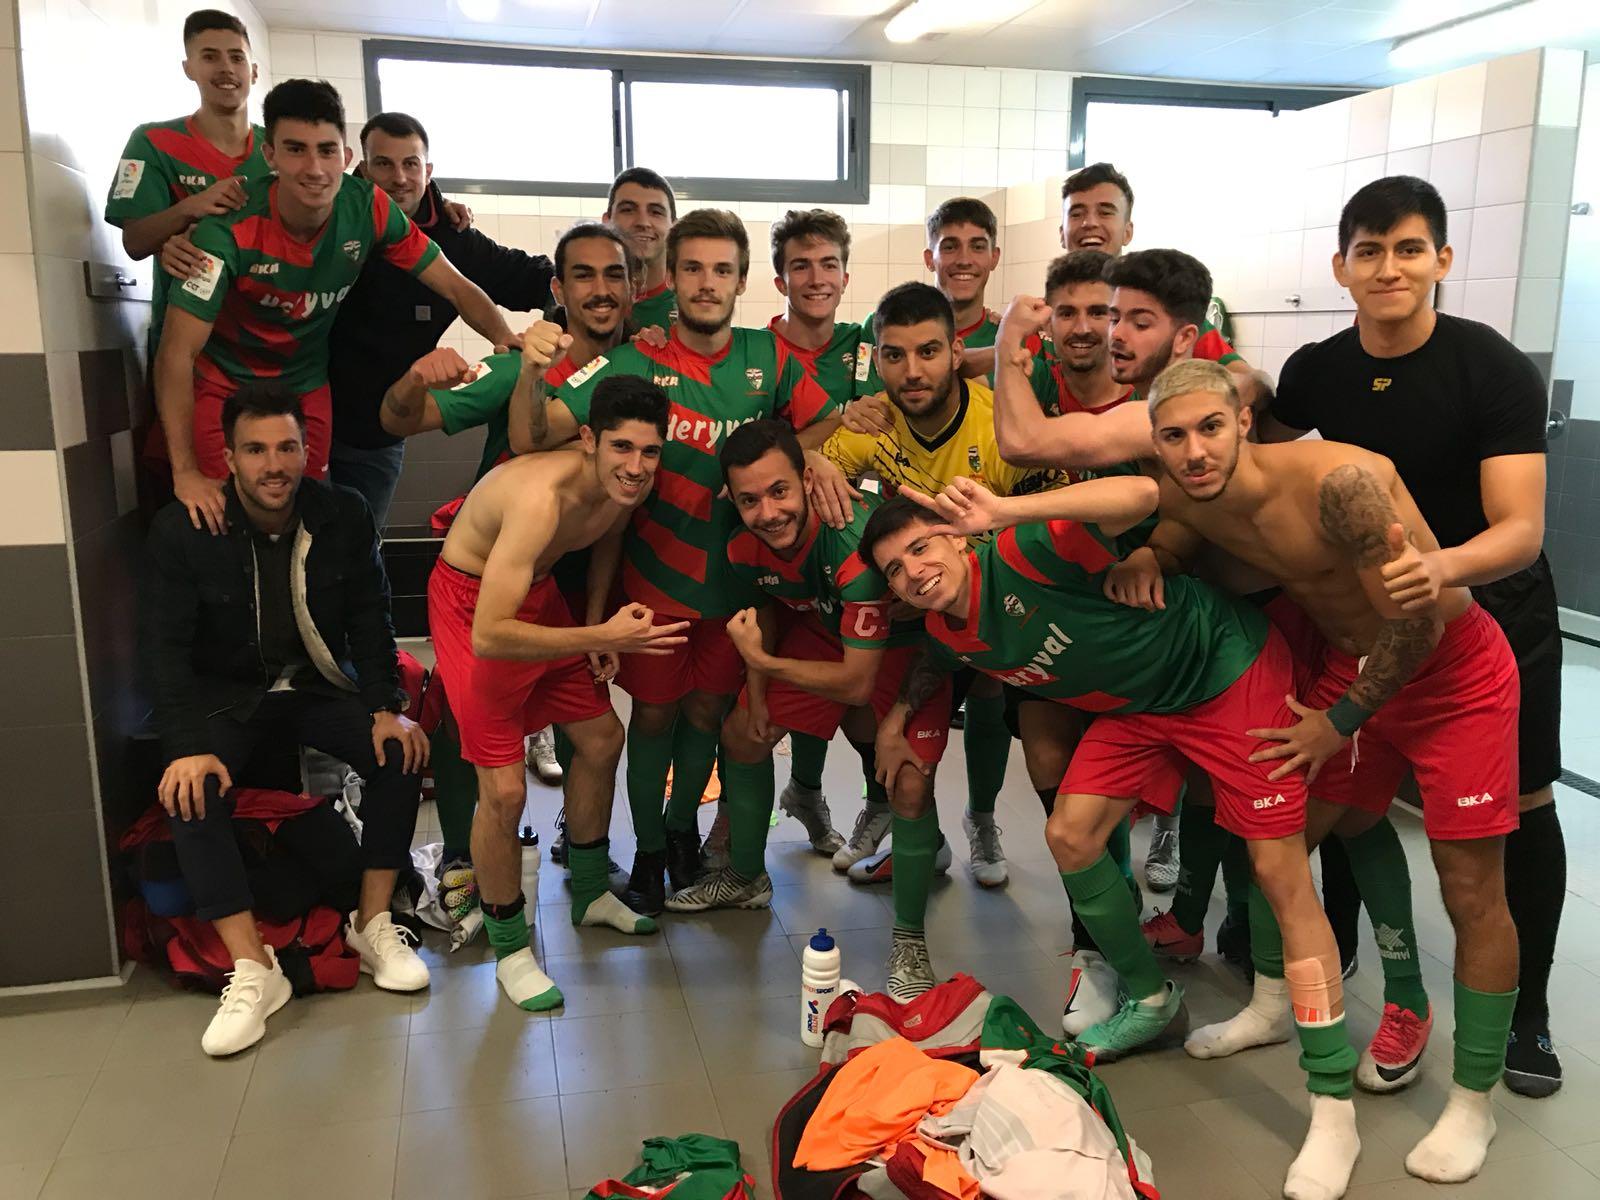 PREFERENTE/ Segunda victoria consecutiva frente al Atlético Club de Socios